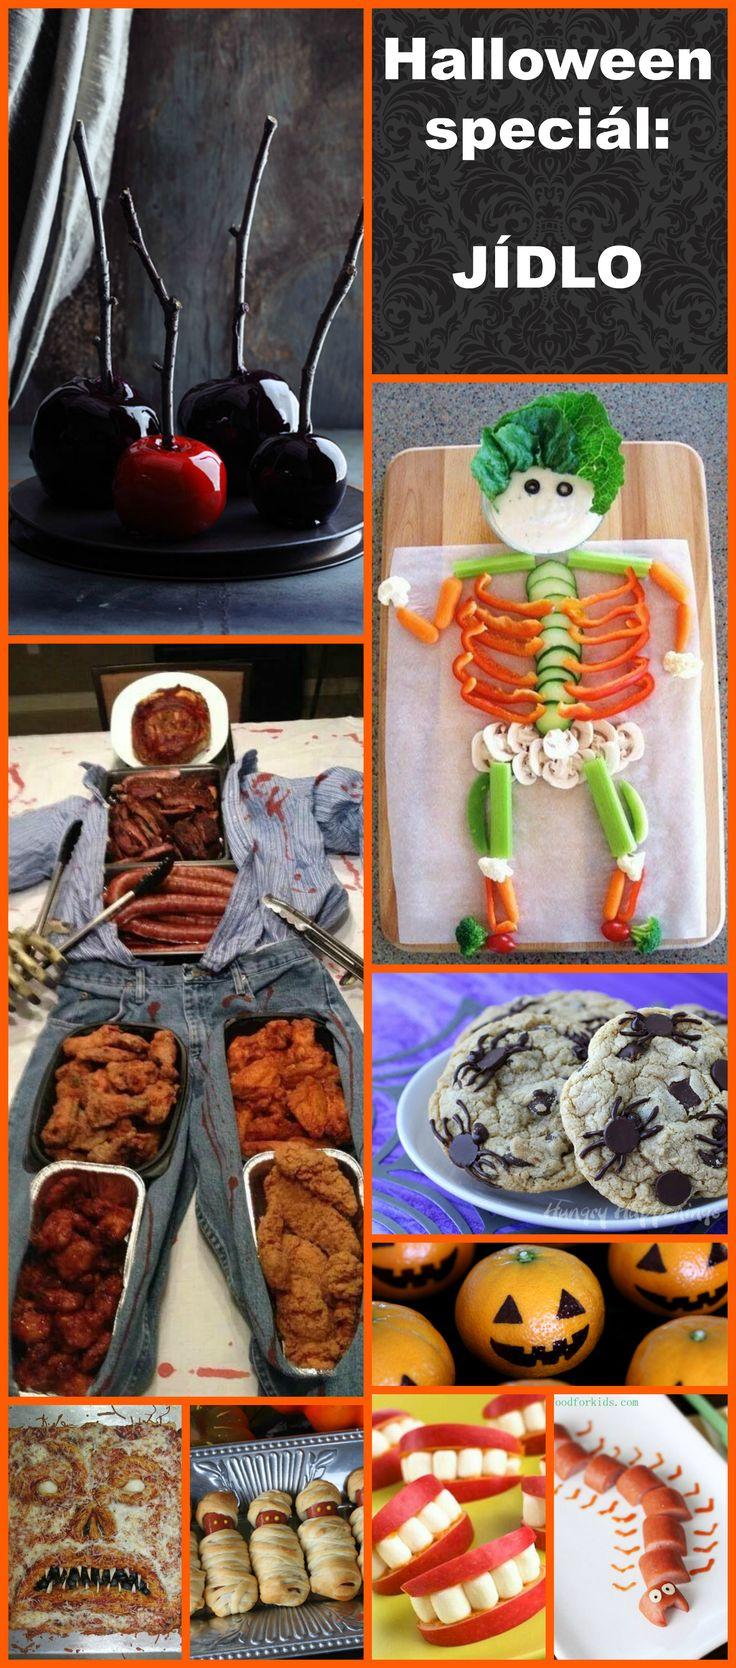 Halloween Speciál 2015: JÍDLO, občerstvení, párty výzdoba a #DIY dekorace. Vše co potřebujete pro letošní #Halloween. #dekorace #inspirace #party #jidlo #food